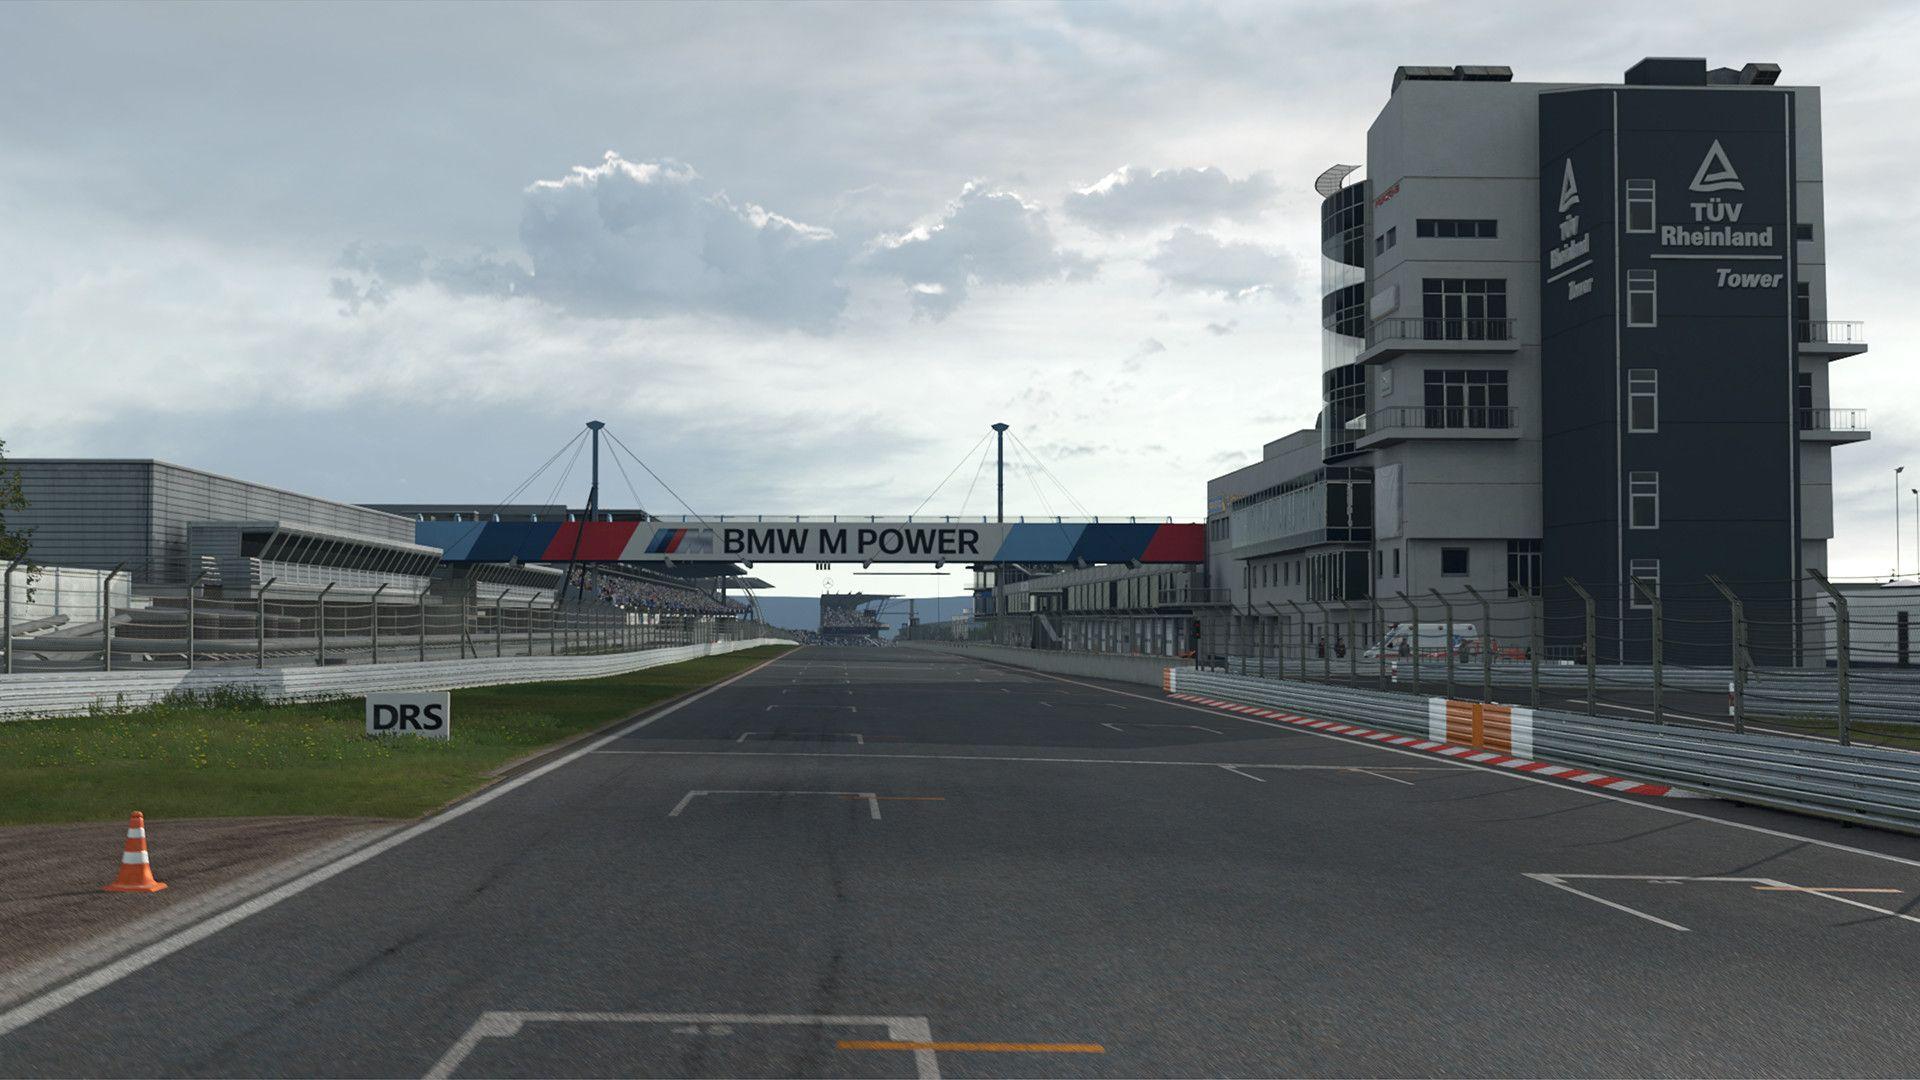 Automobilista 2 - Nurburgring Pack